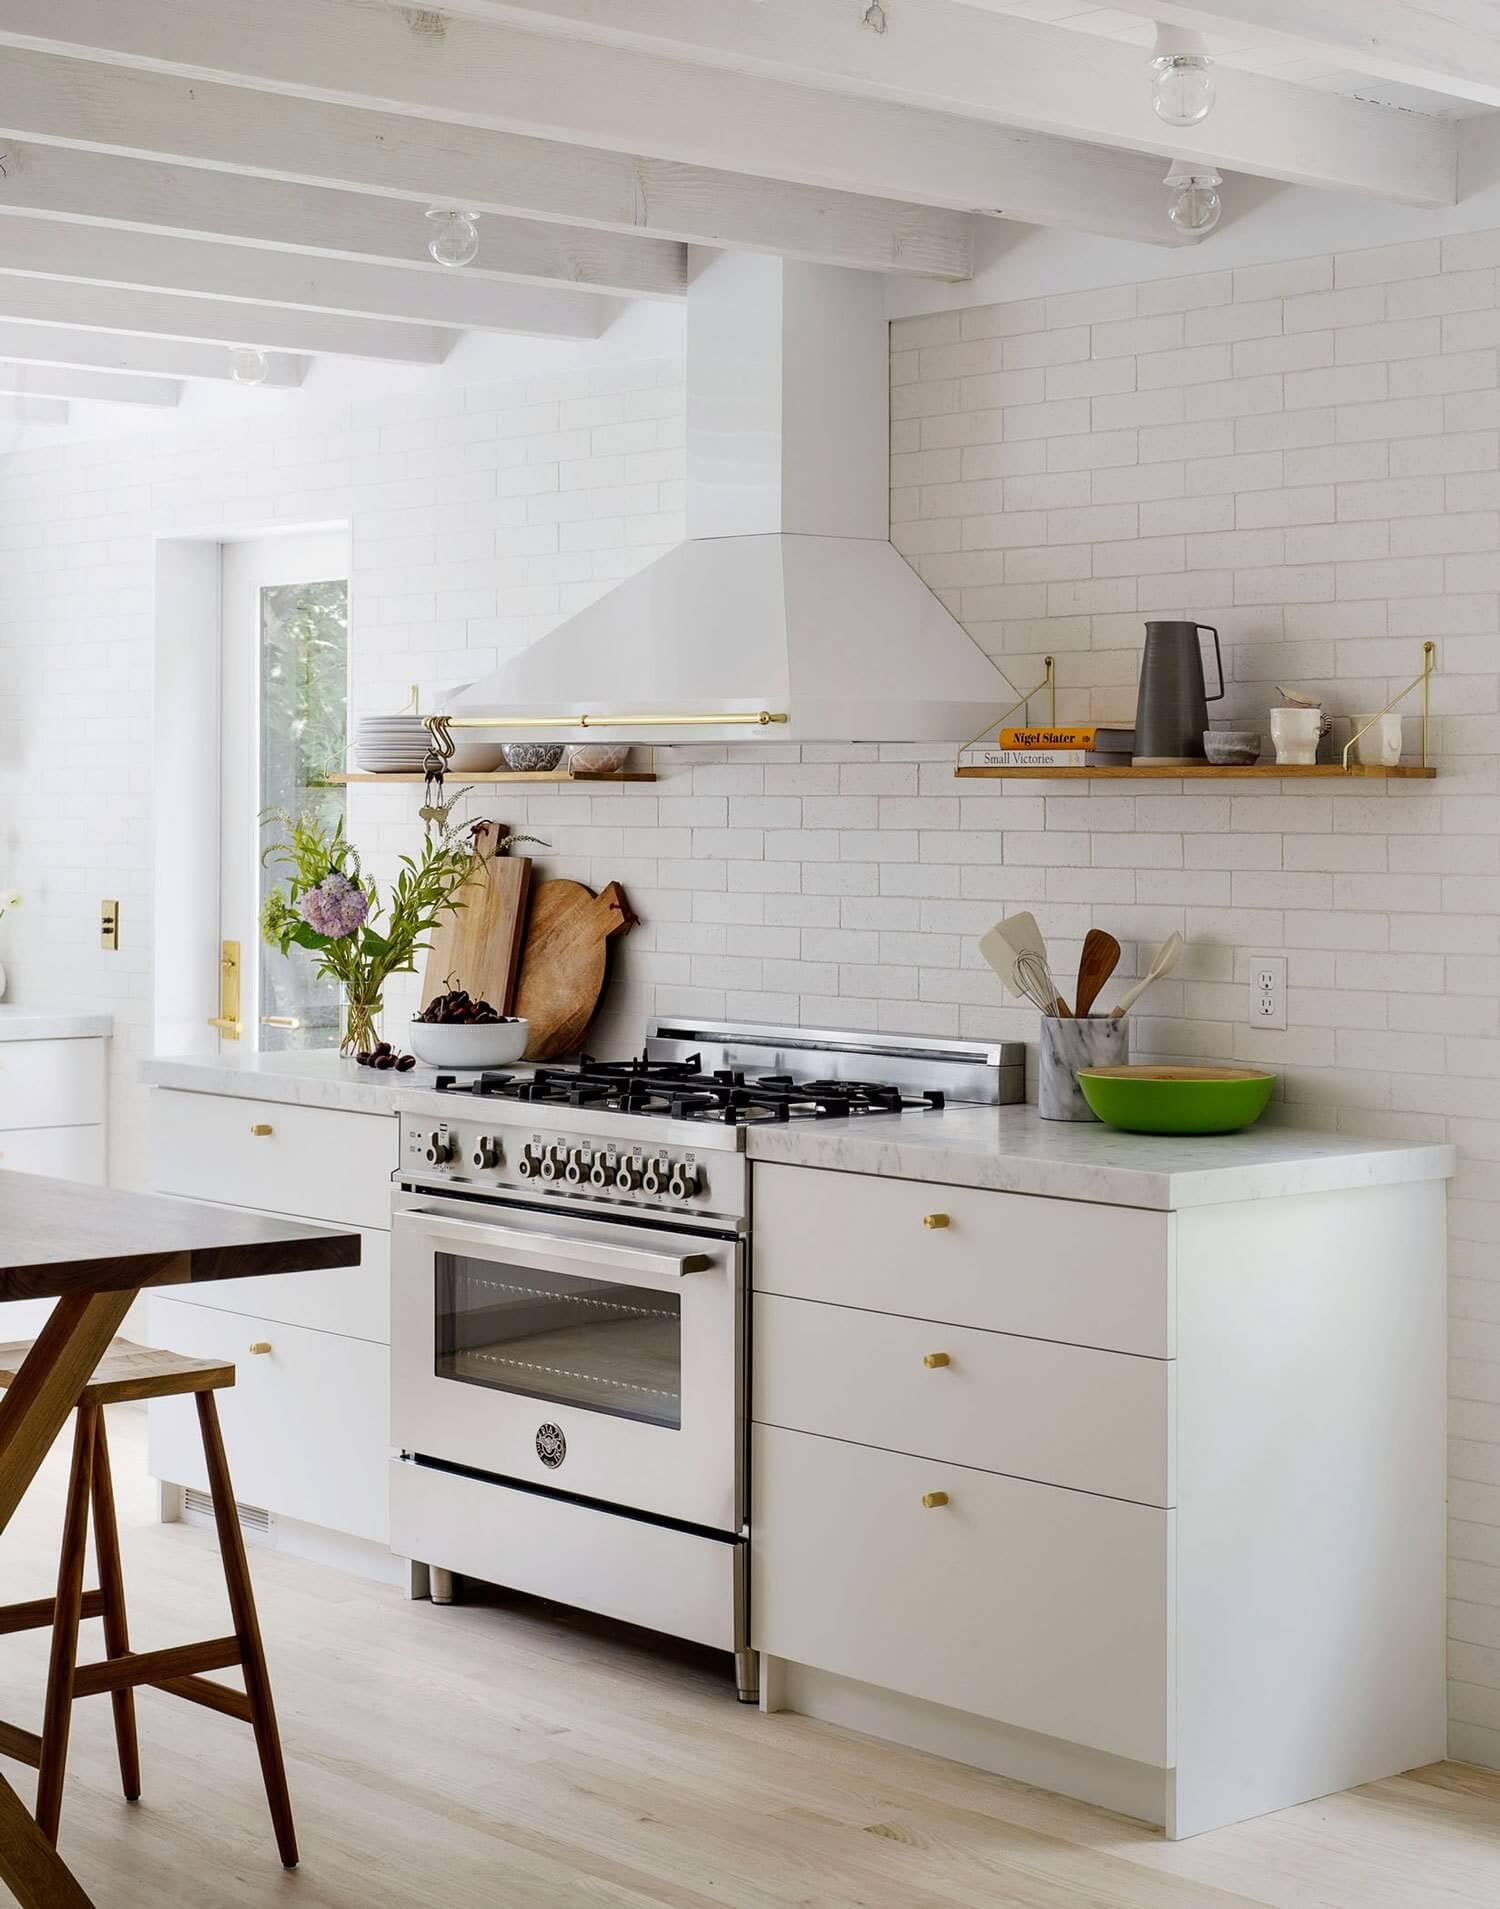 Plan de travail en marbre dans la cuisine